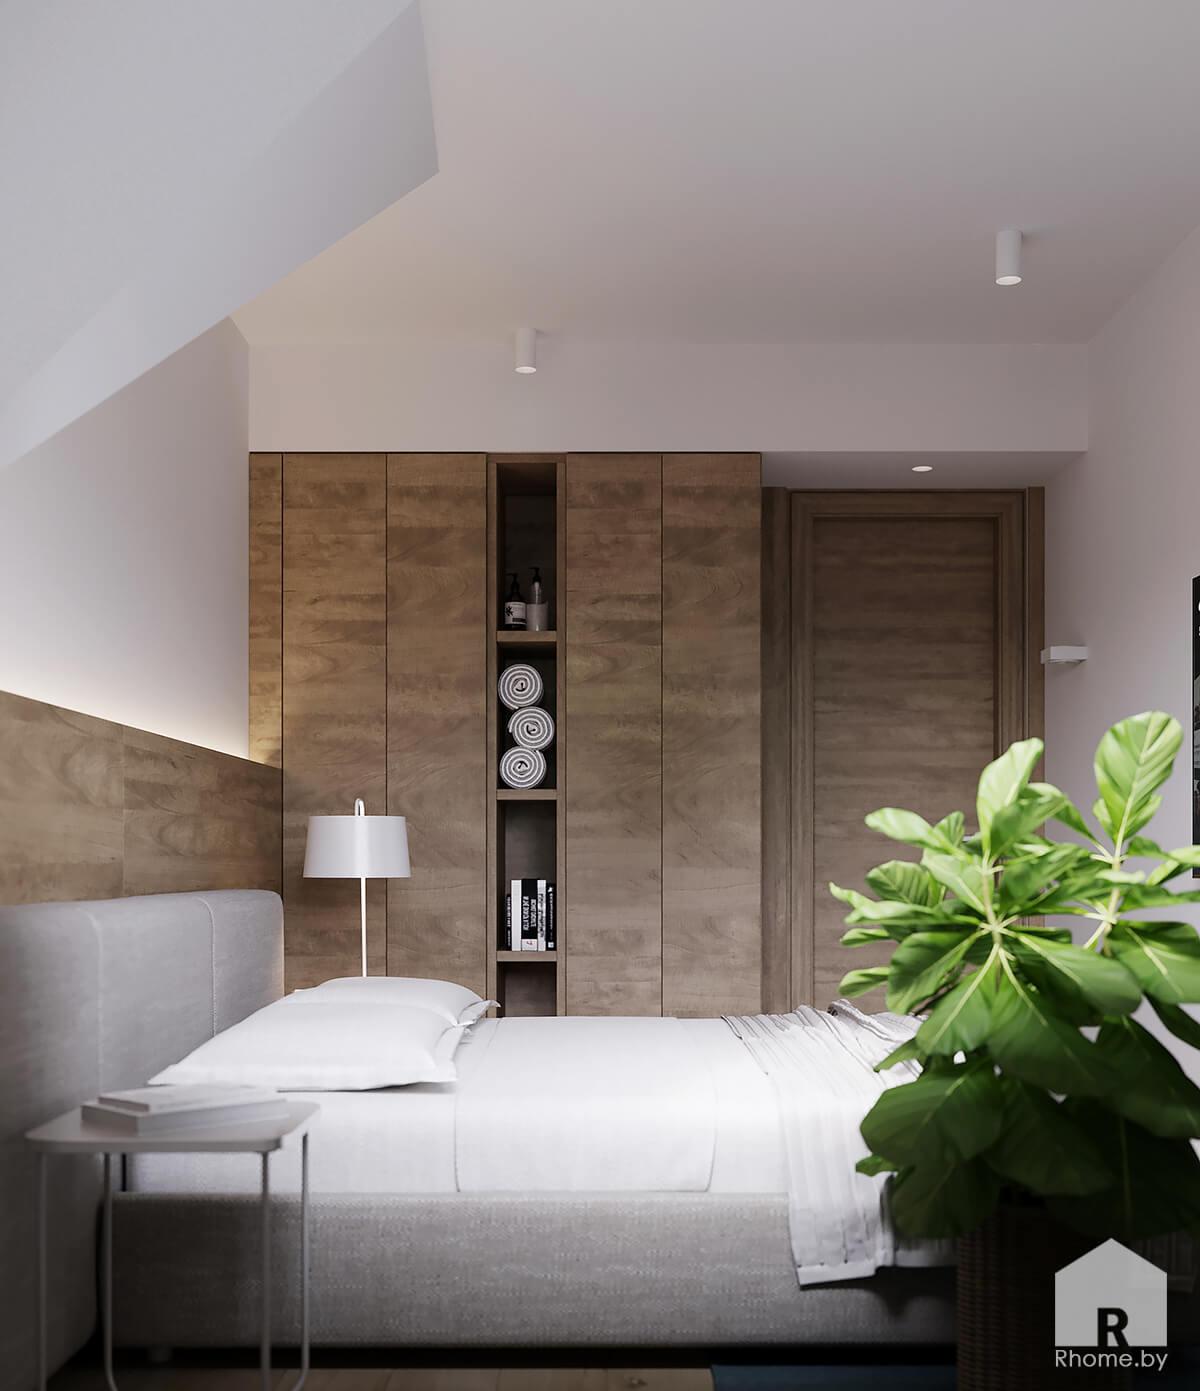 Дизайн гостевой спальни | Дизайн студия – Rhome.by